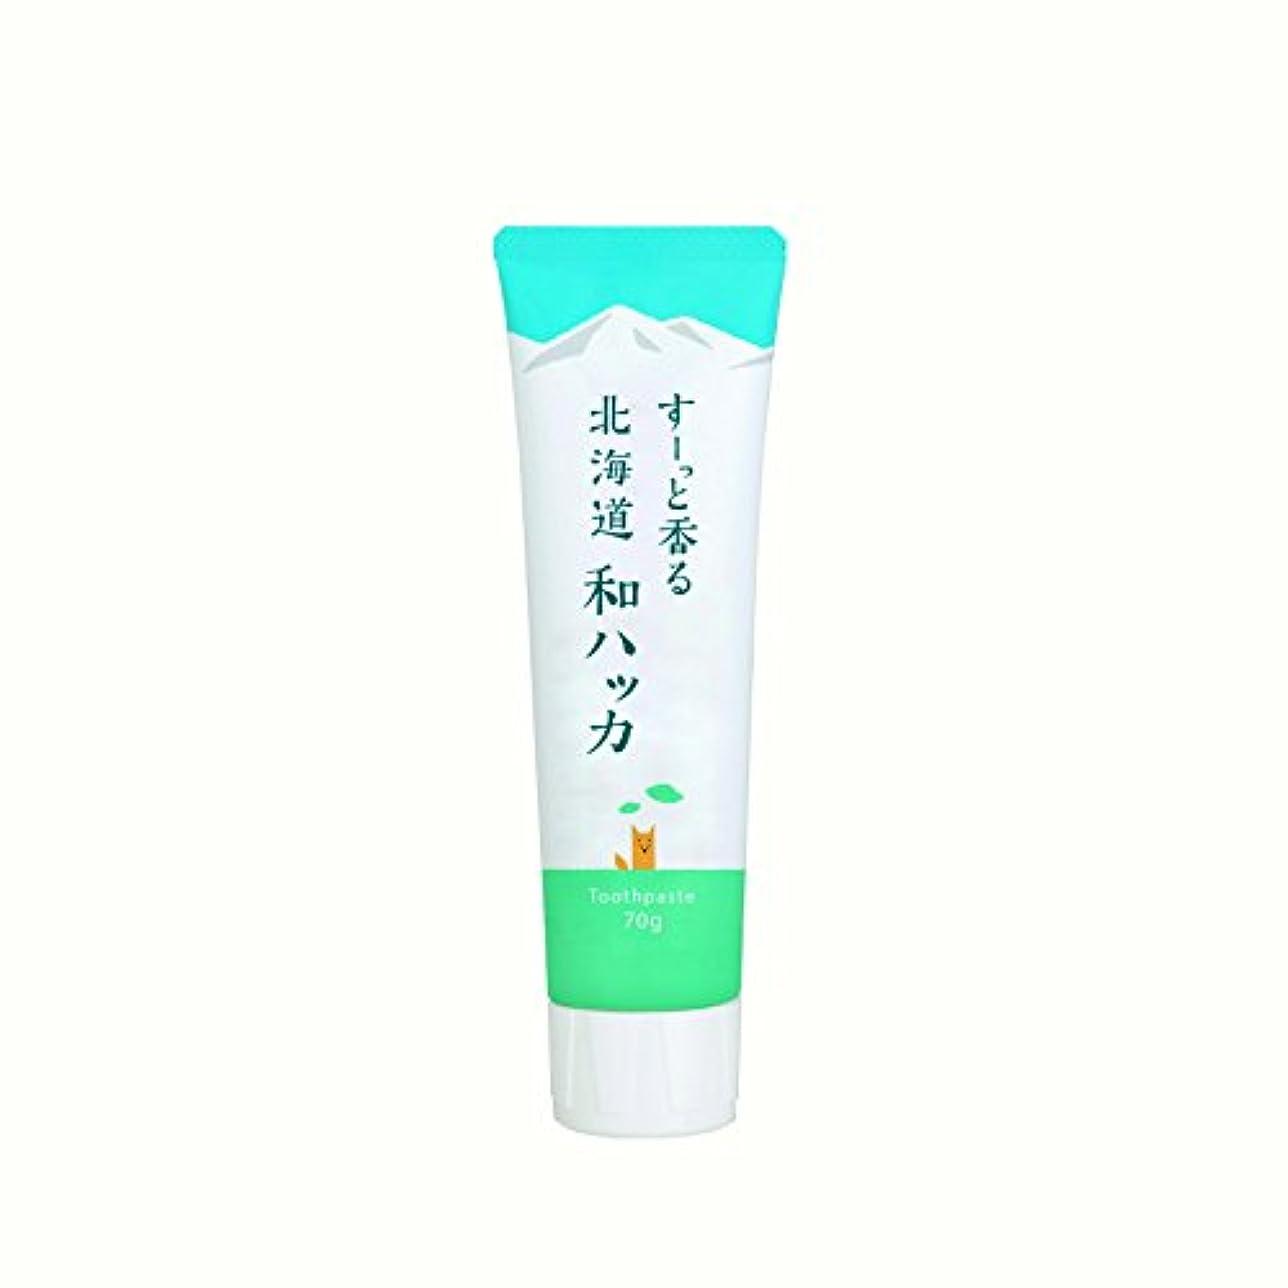 ぴったりニッケル収穫(美健)BIKEN ハッカ歯磨き粉 すーっと香る北海道和ハッカ